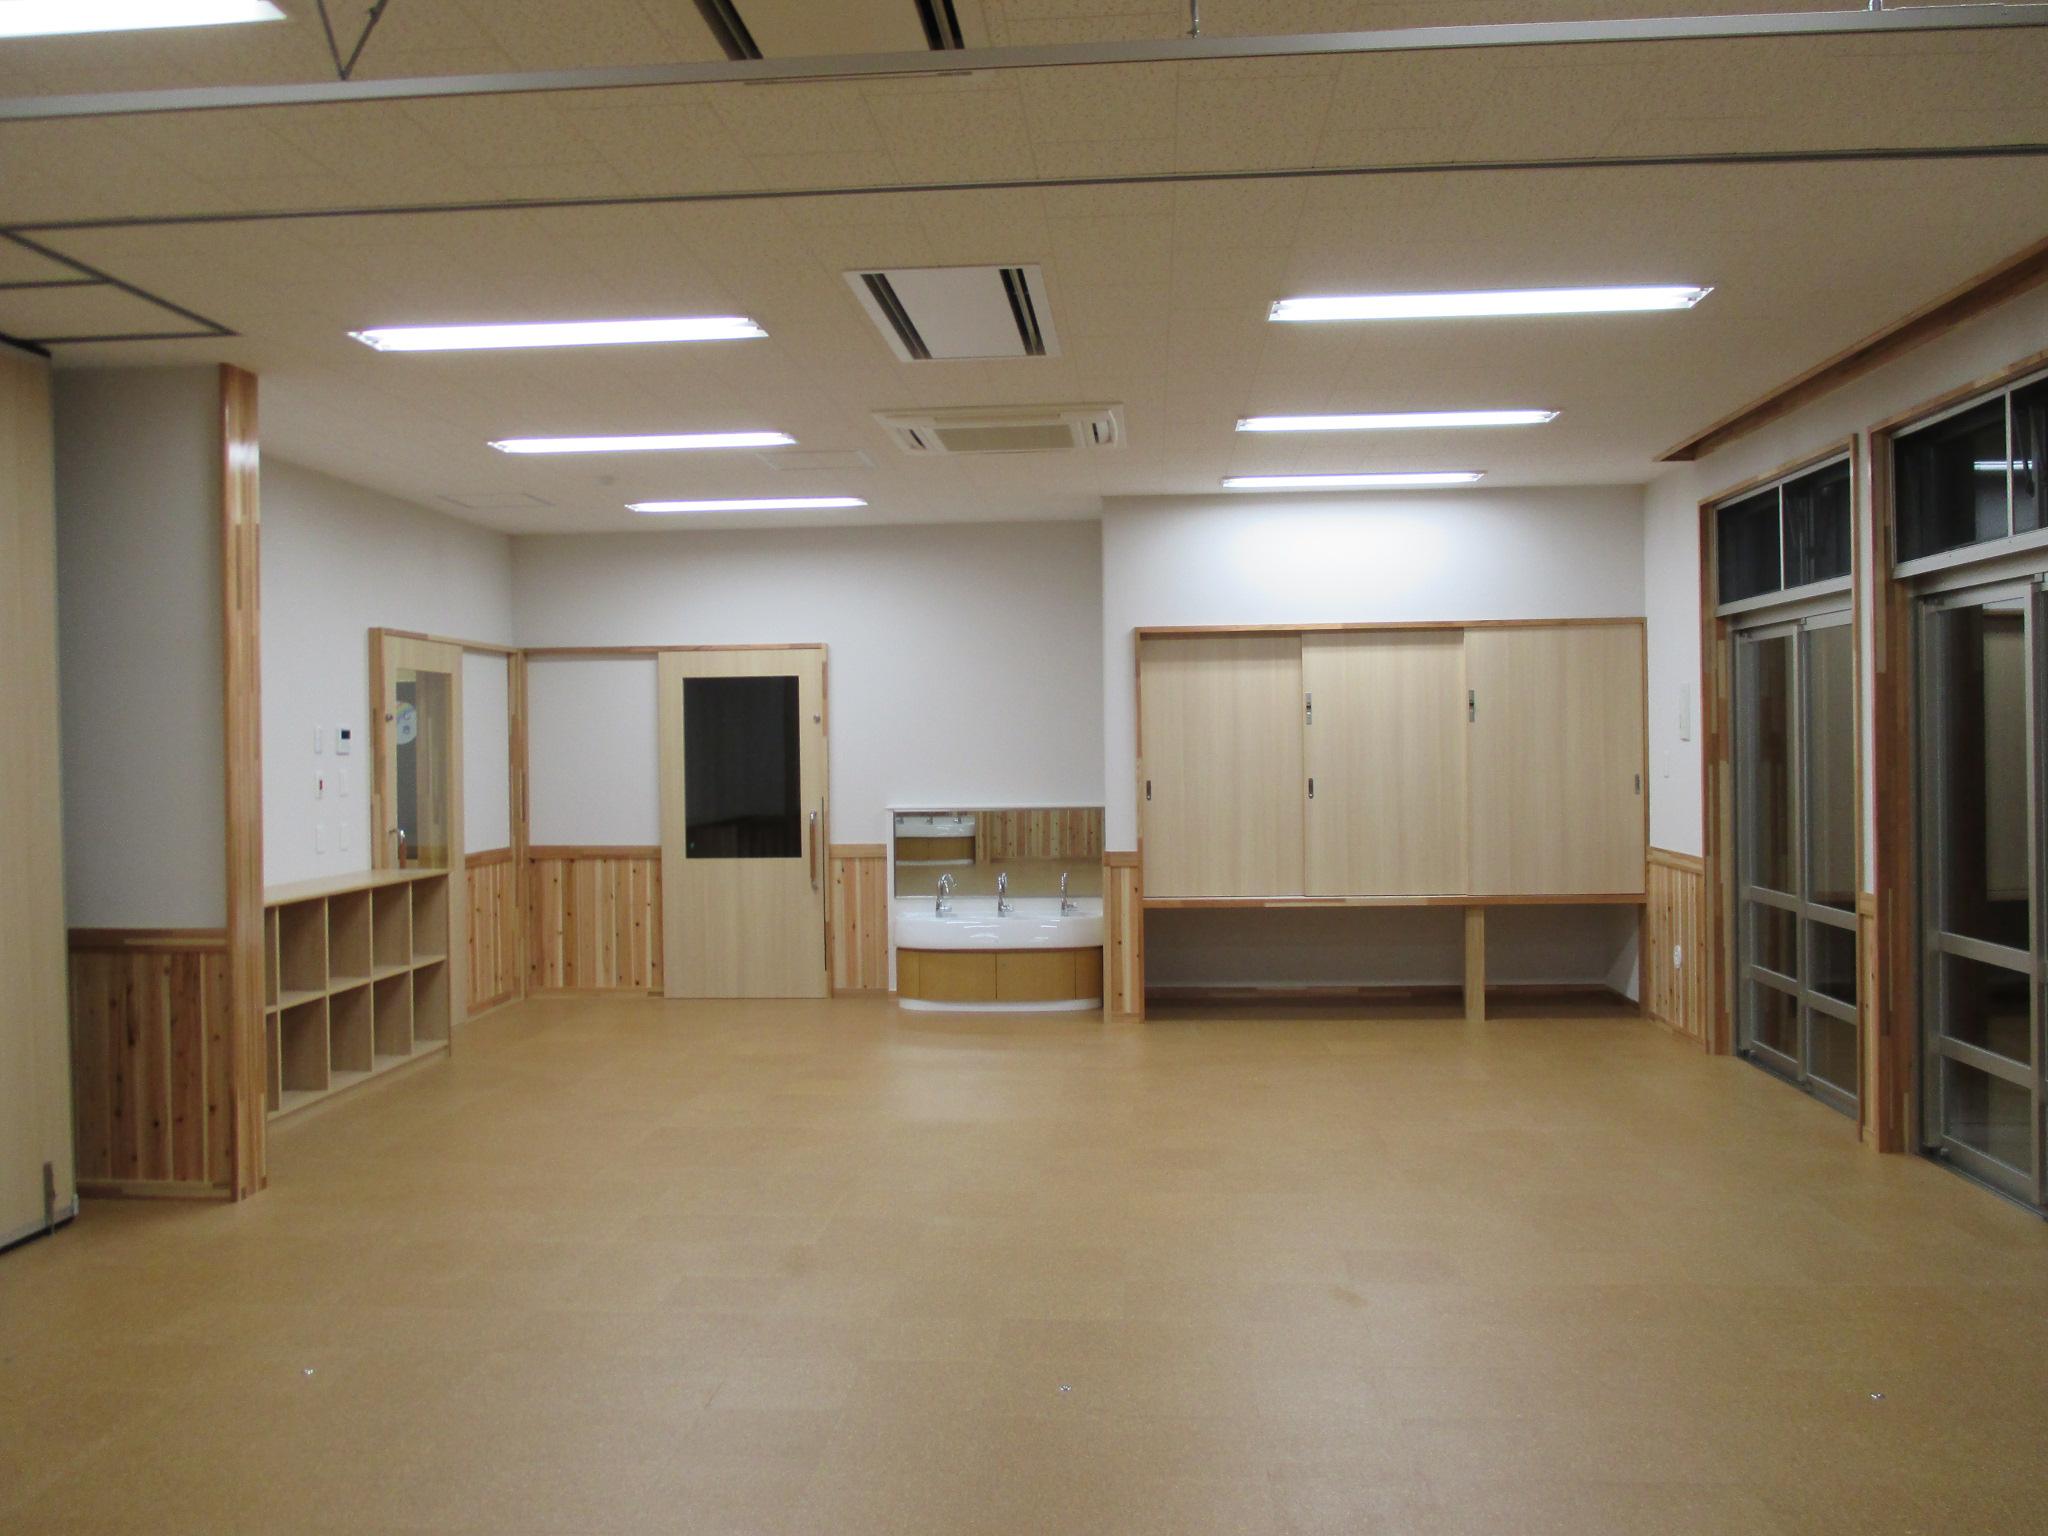 【山形】独立行政法人国立病院機構山形病院保育所3